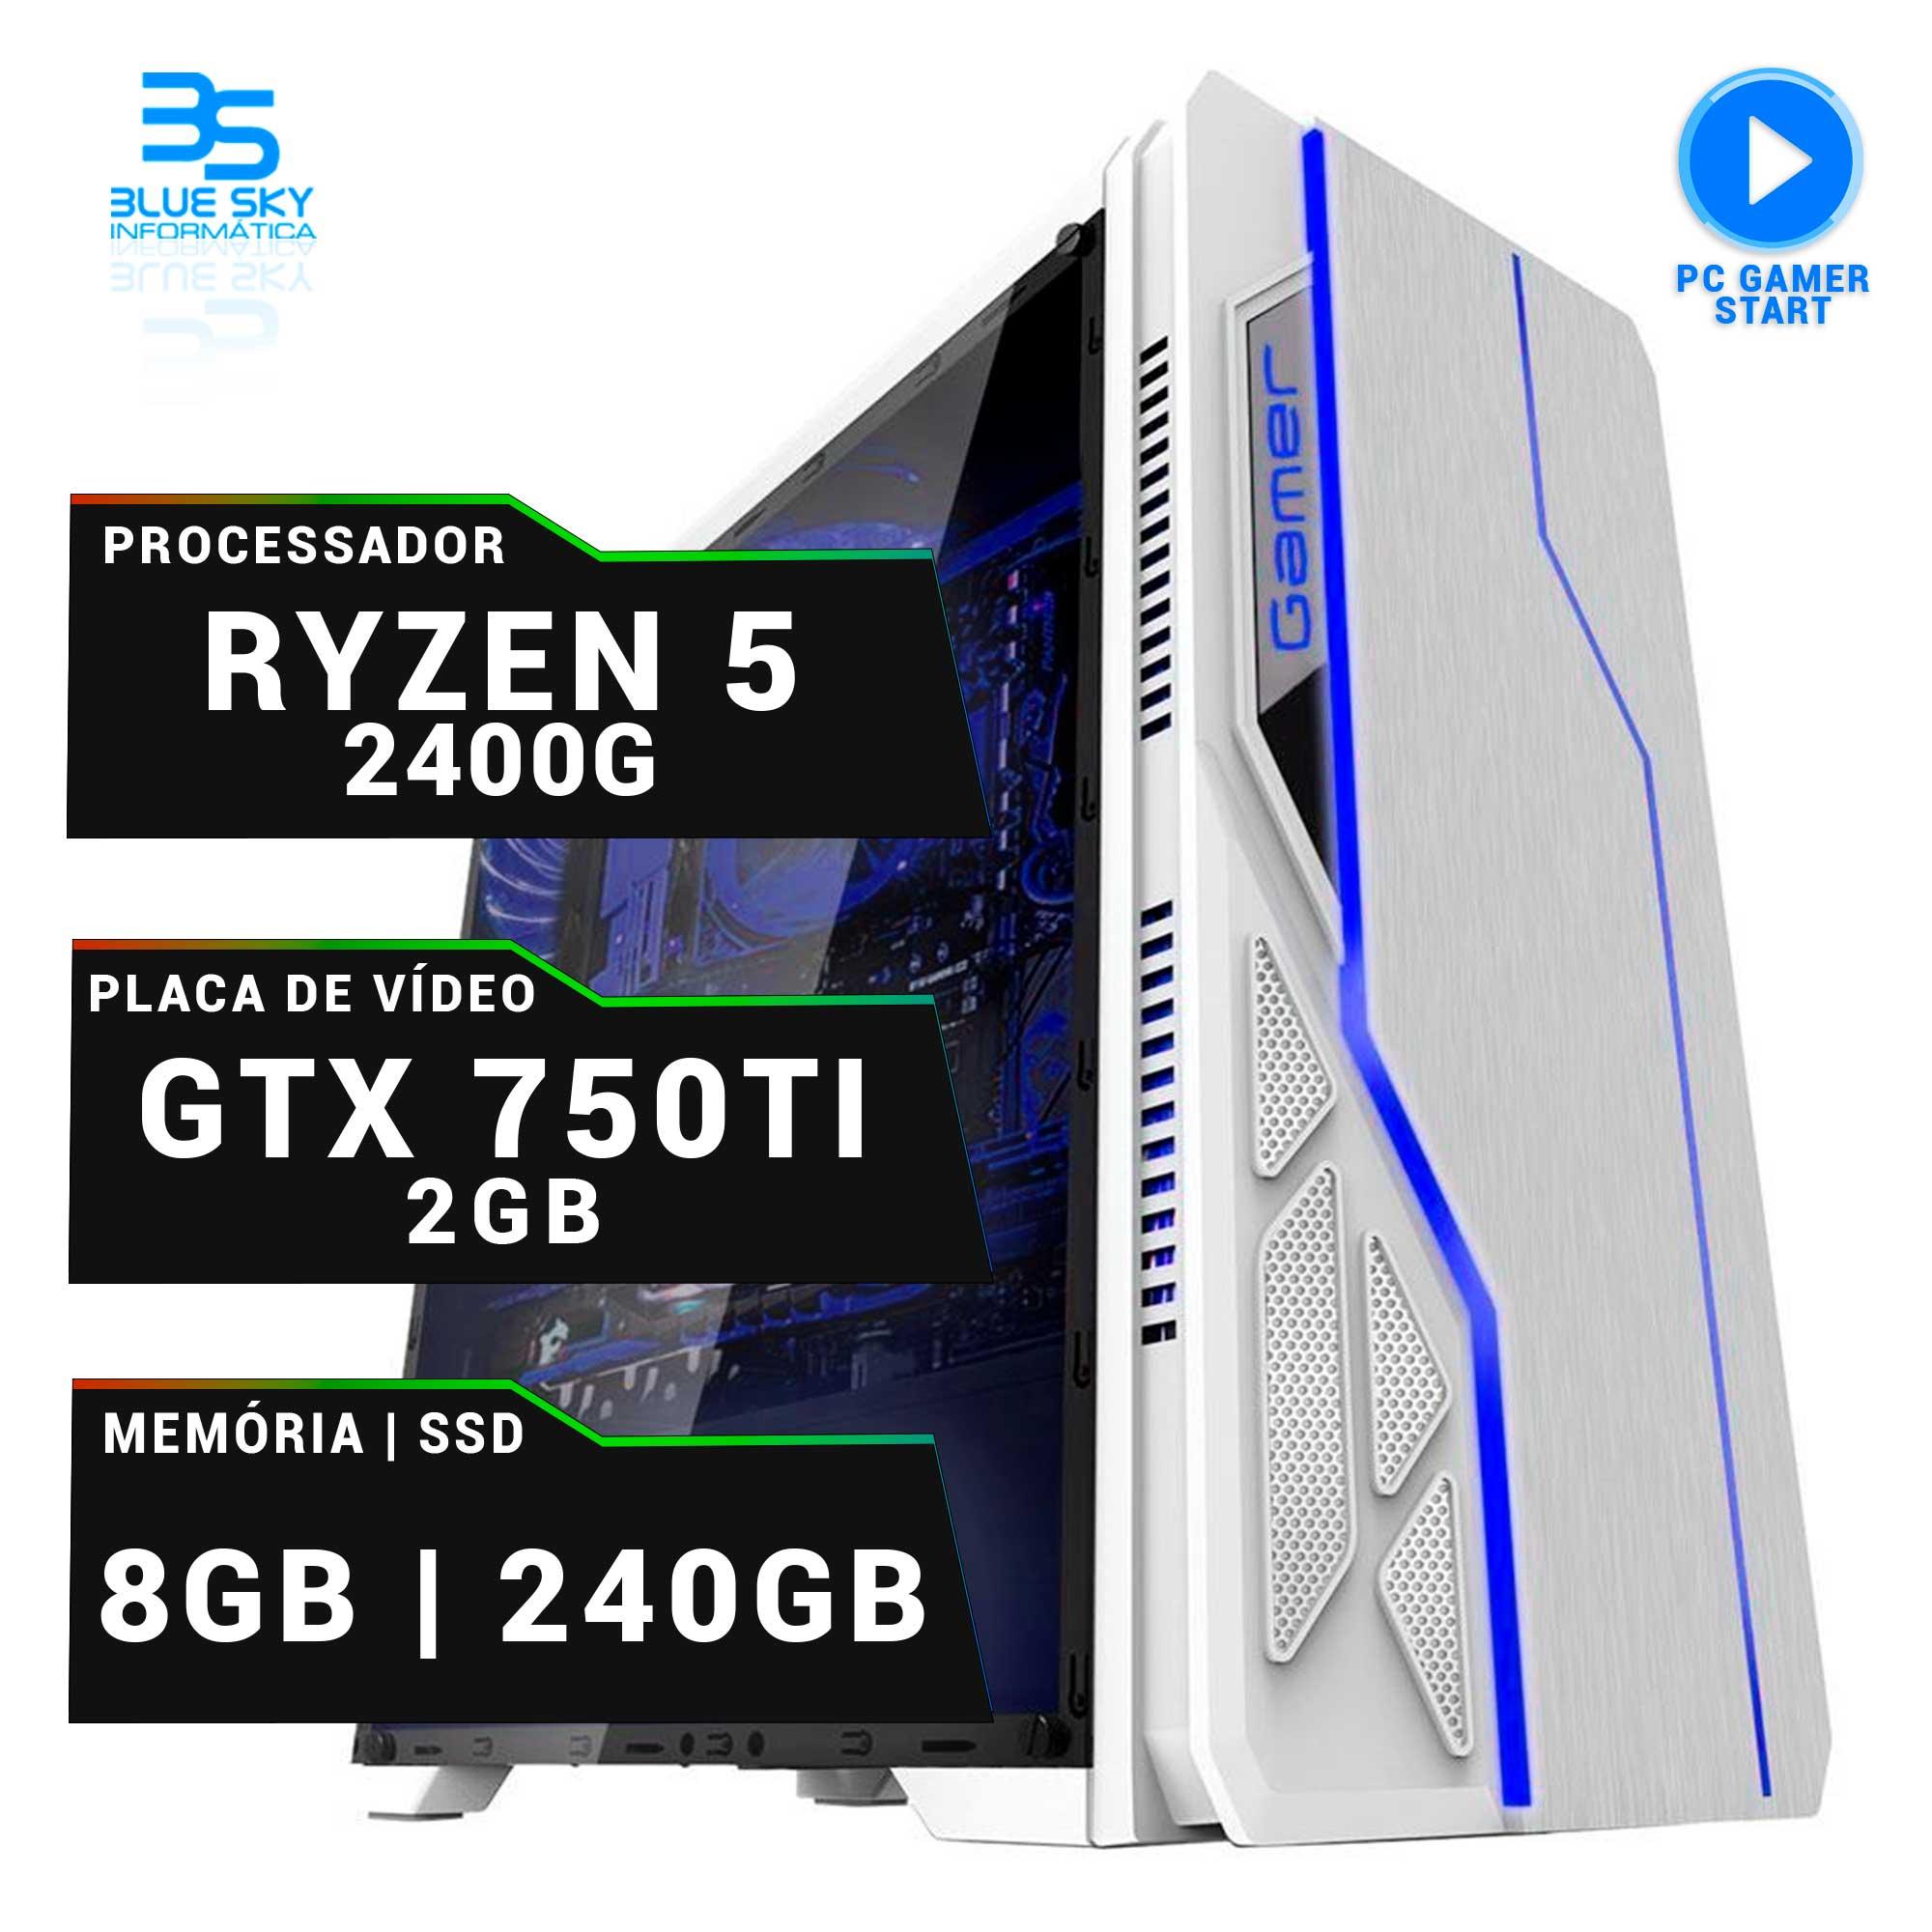 Computador Gamer AMD Ryzen 5 2400G, SSD 240GB, 8GB DDR4, 420W, GTX 750Ti 2GB oc